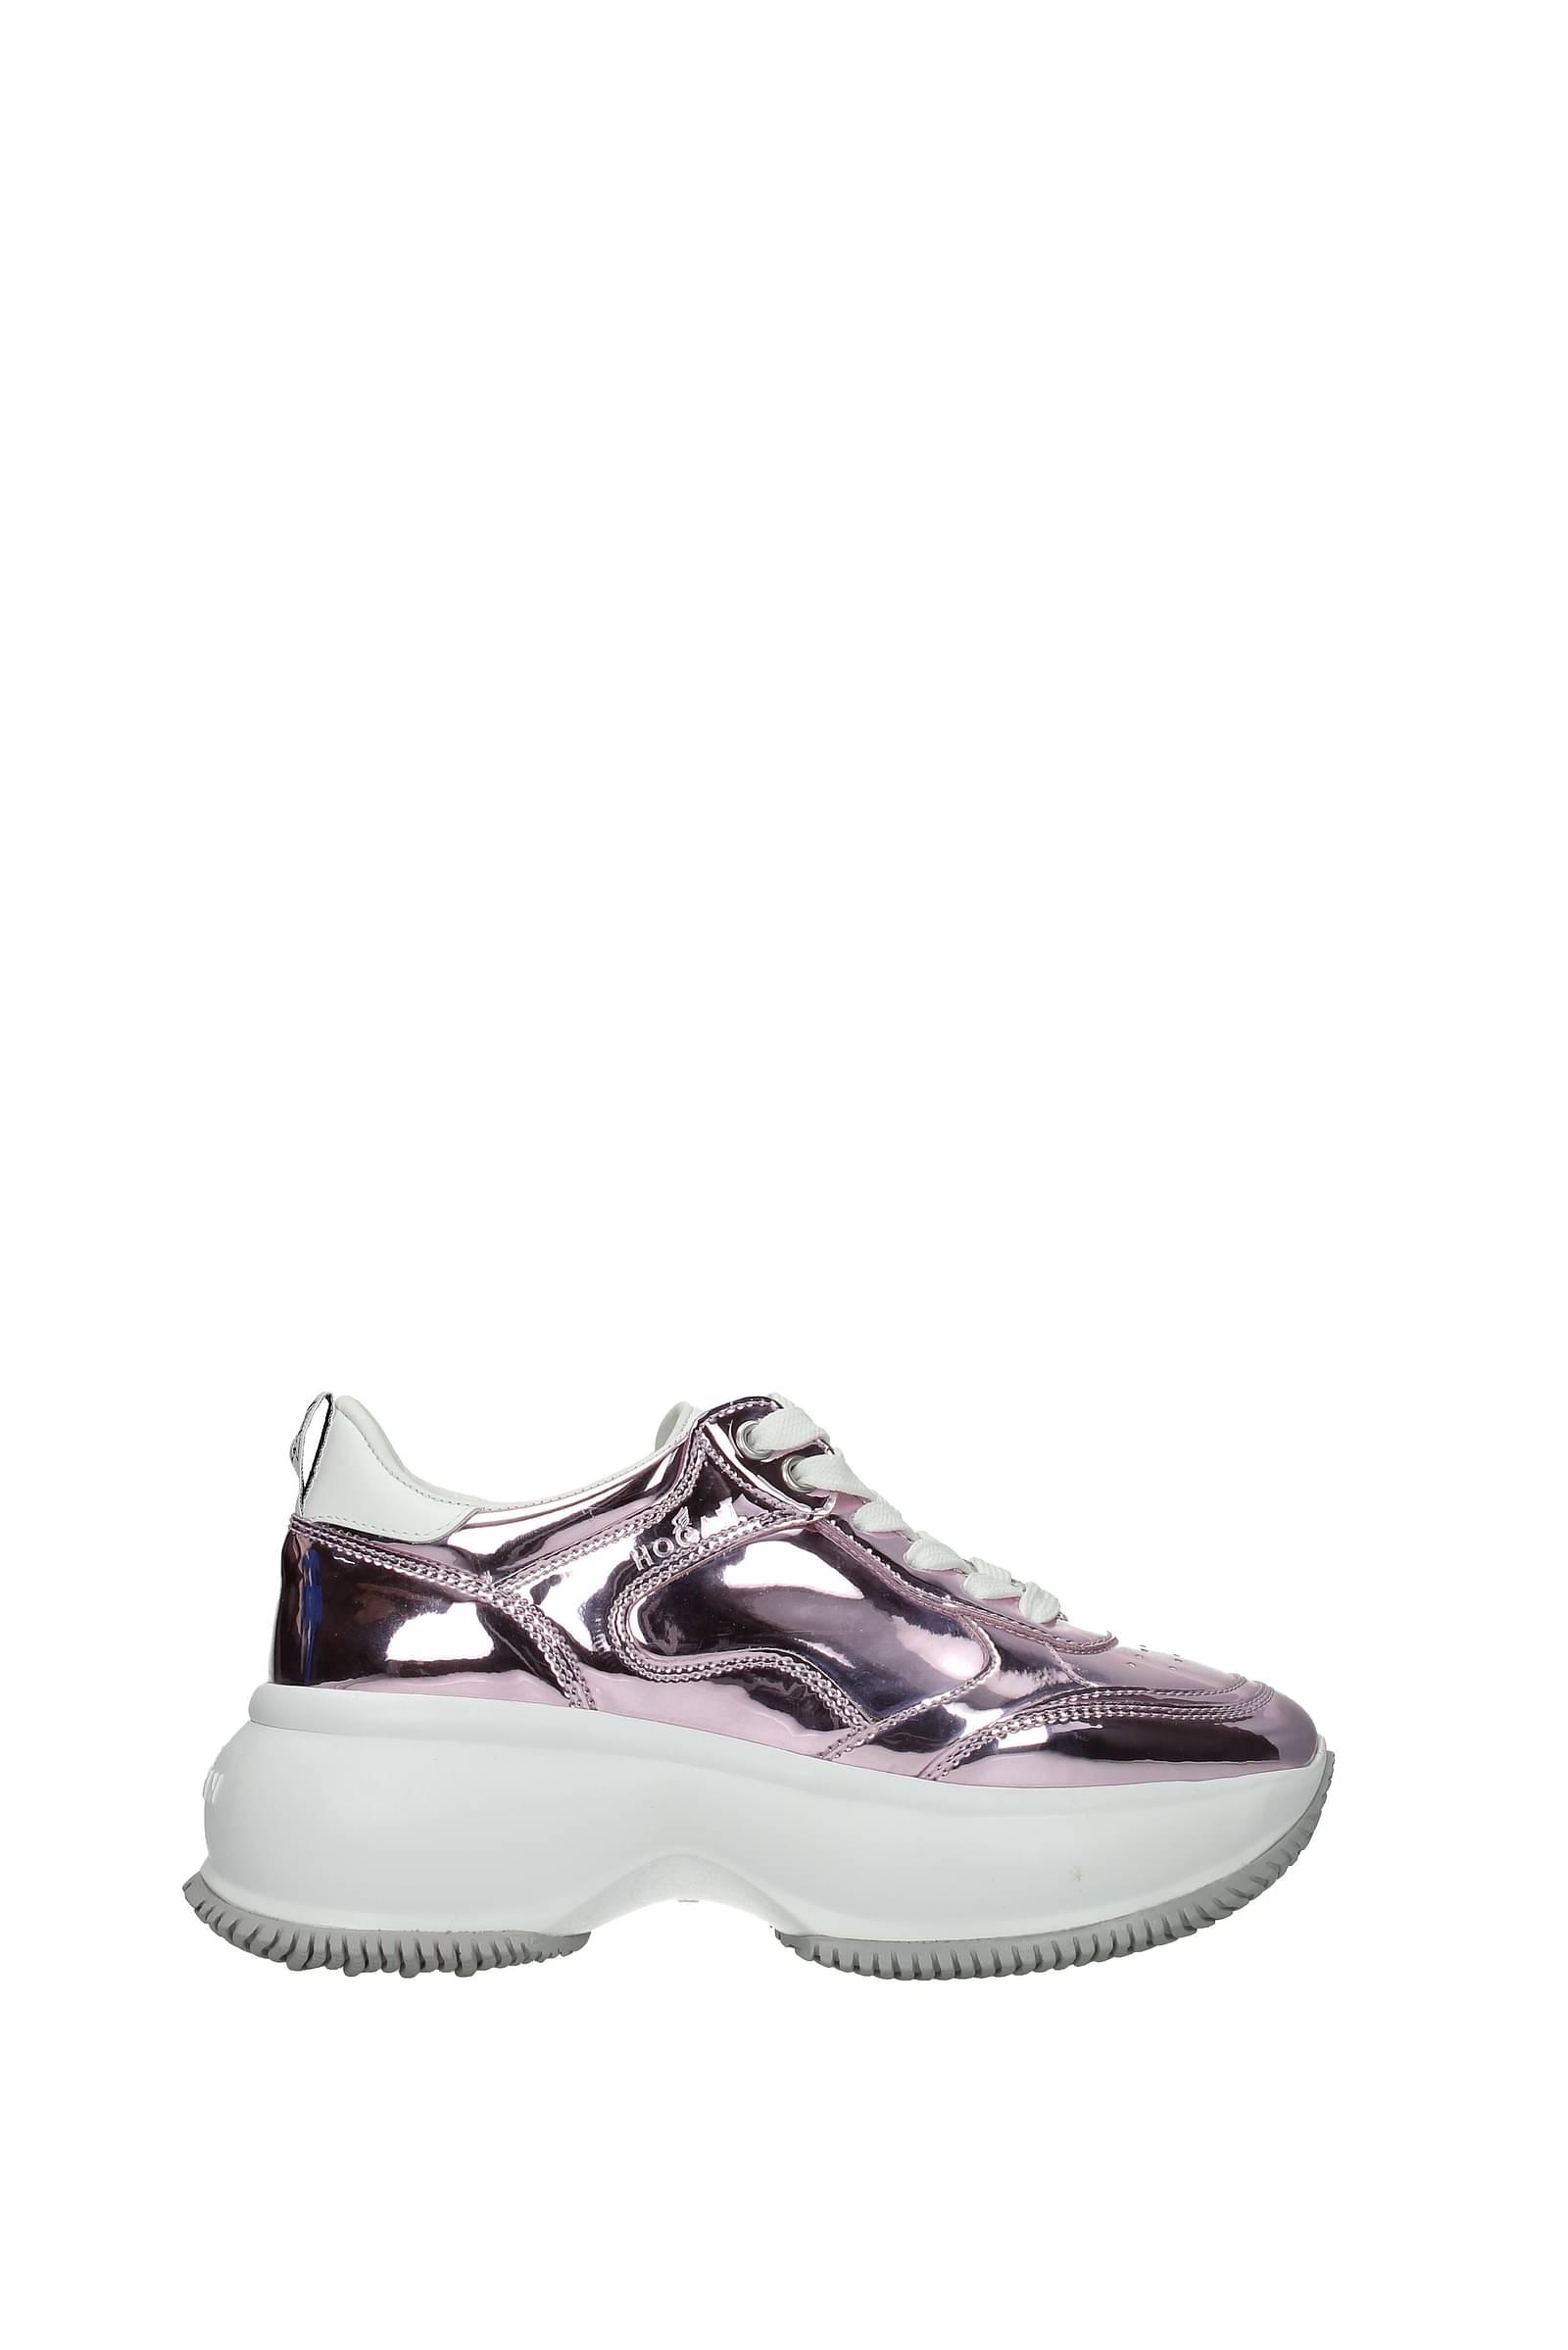 Hogan Sneakers maxi i active Women HXW4350BN51LME0ZEA Leather 170,82€